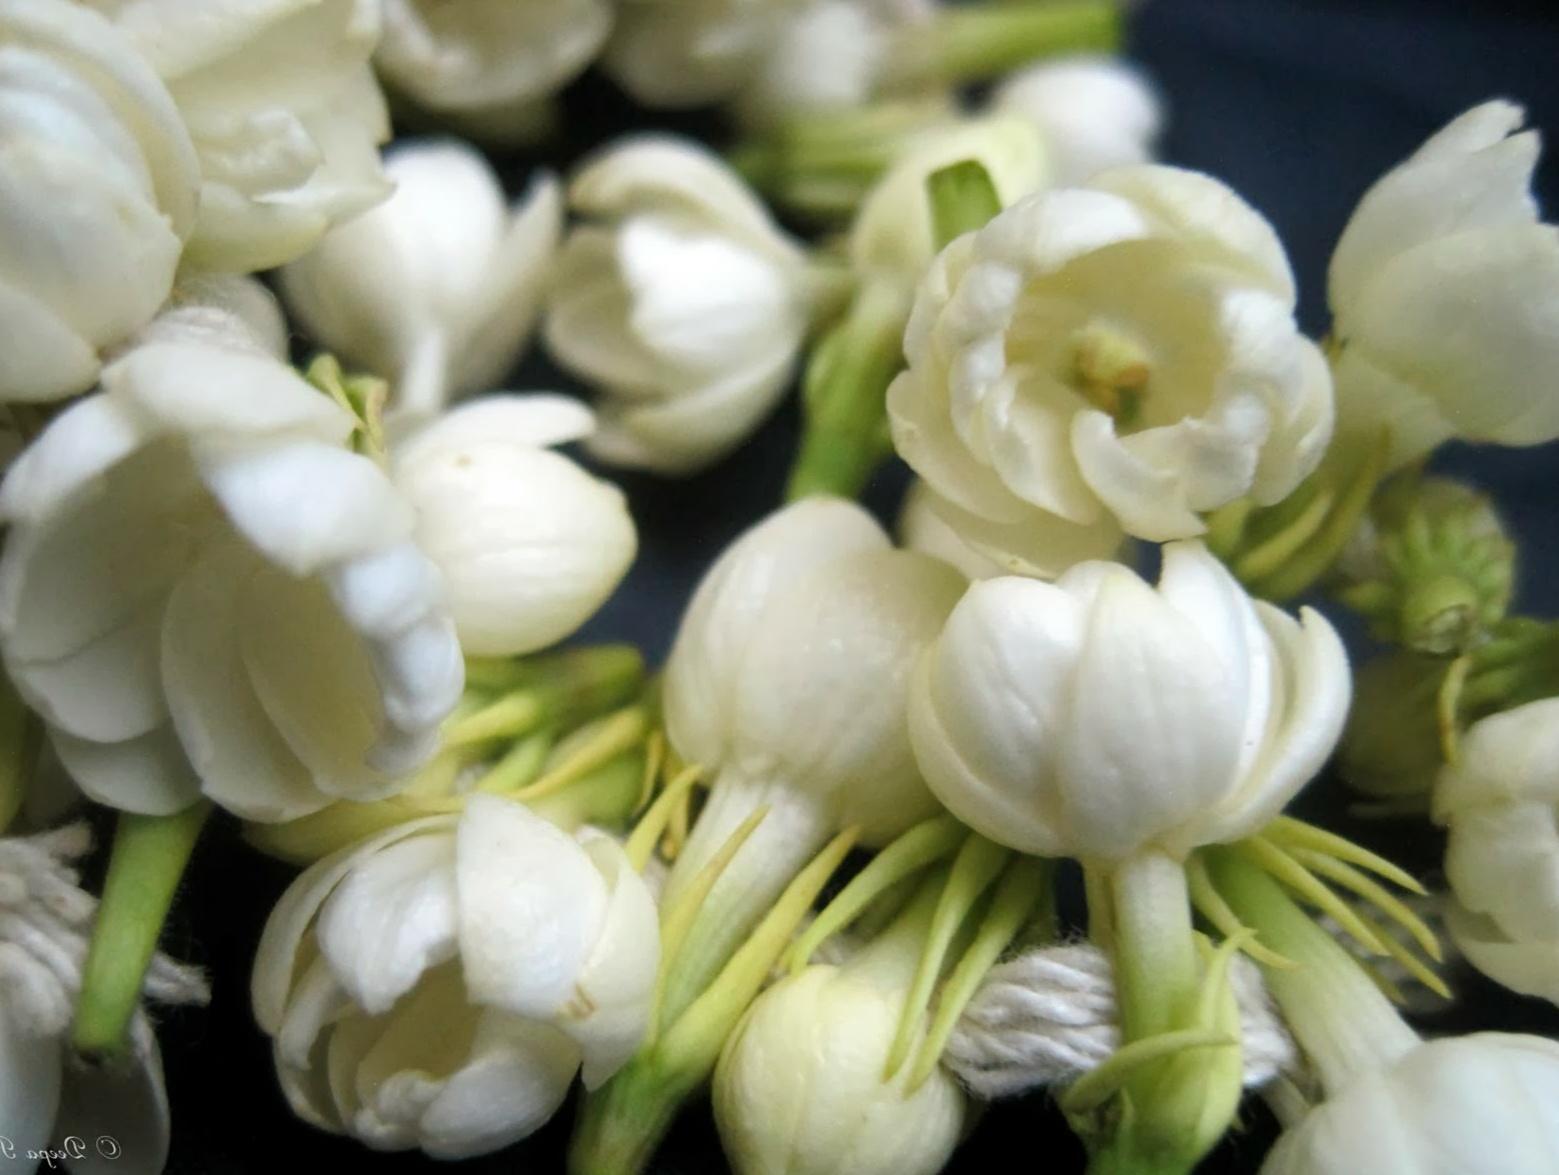 Gambar Bunga Melati Indah Dan Wangi Studio Gambar Lucu